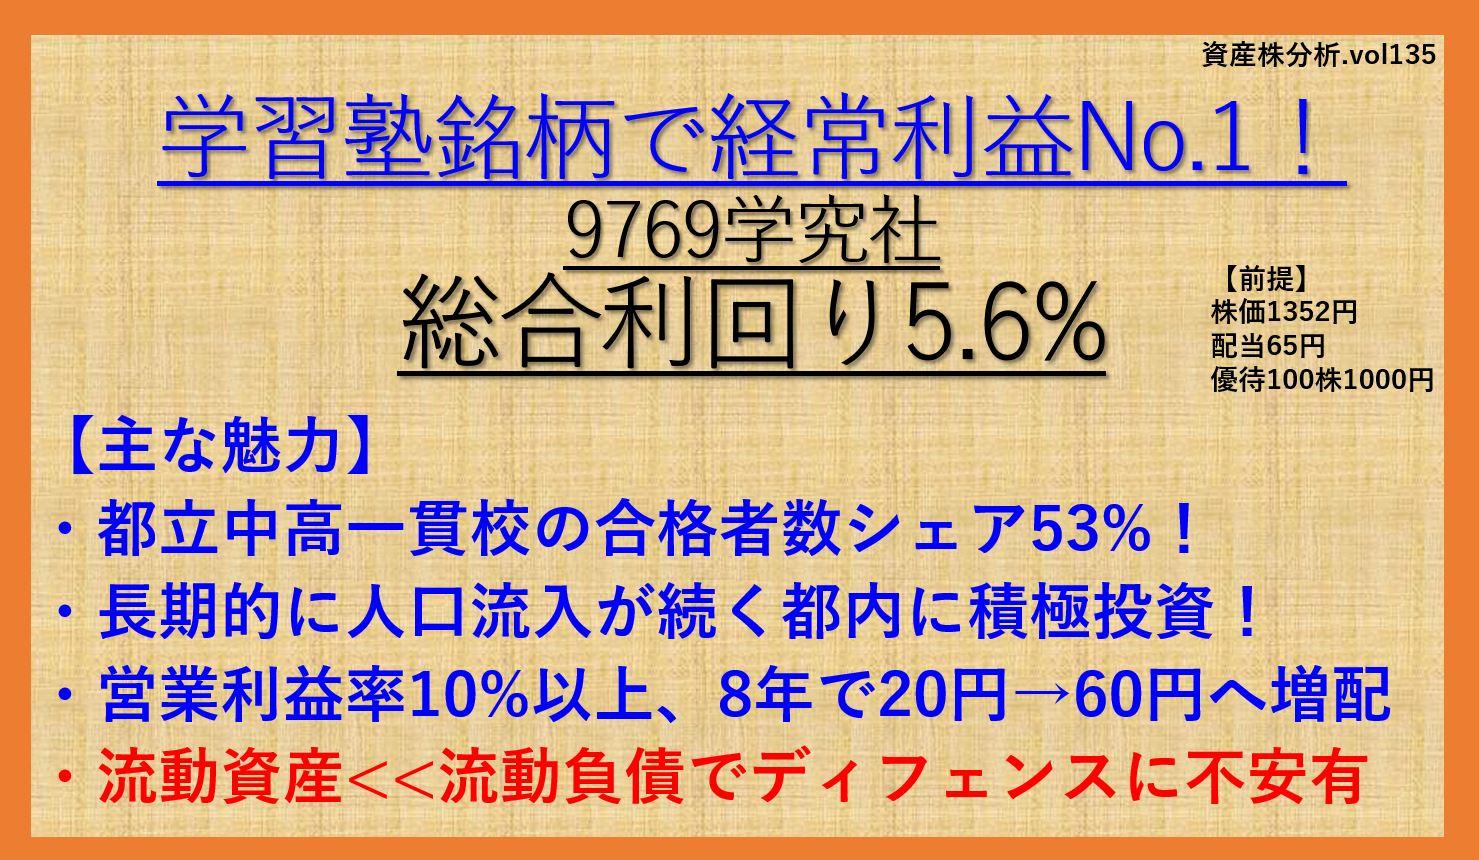 9769-学究社